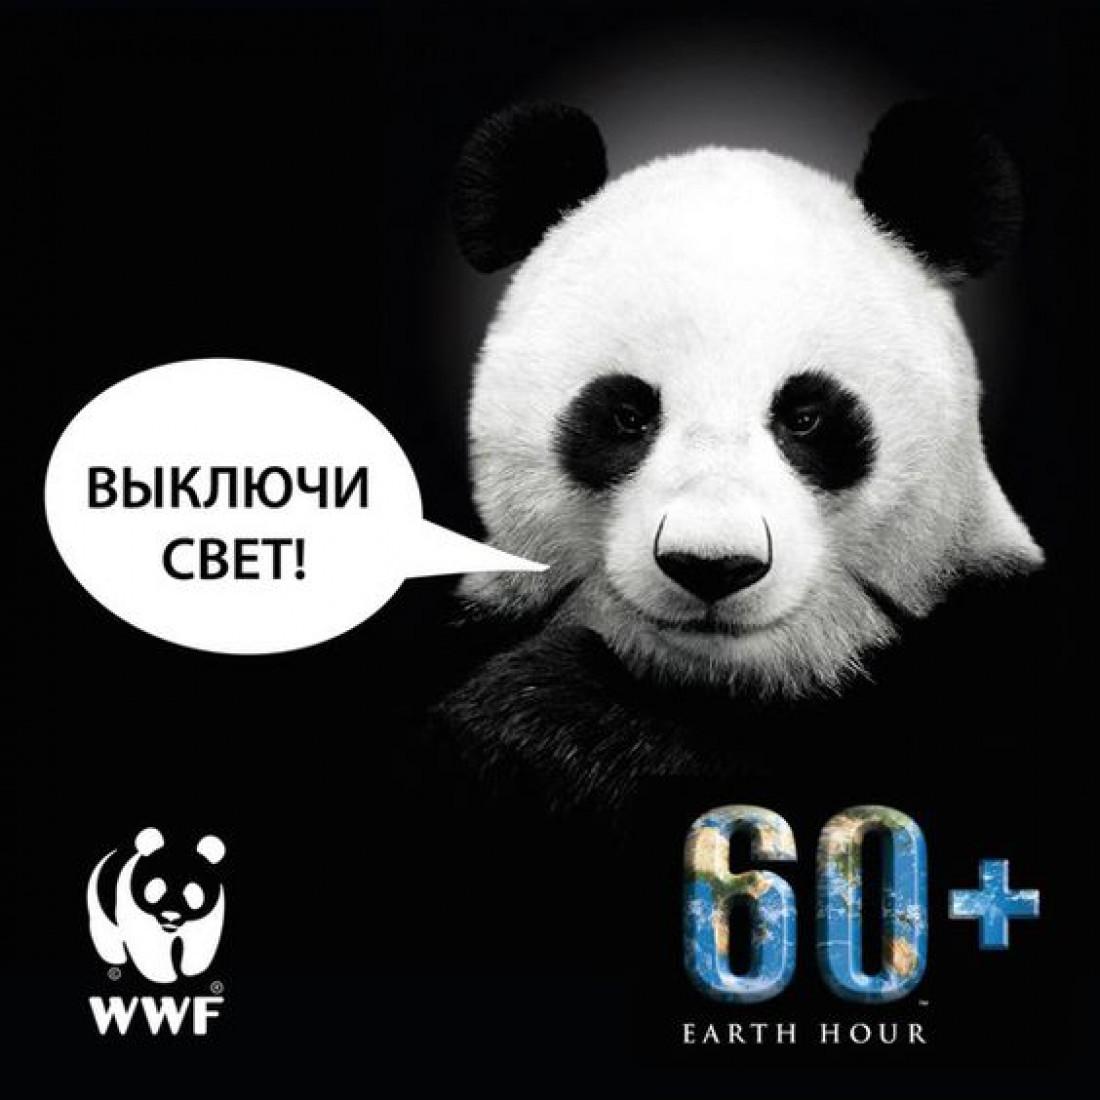 Час Земли 2020: когда по всему миру отключат свет?